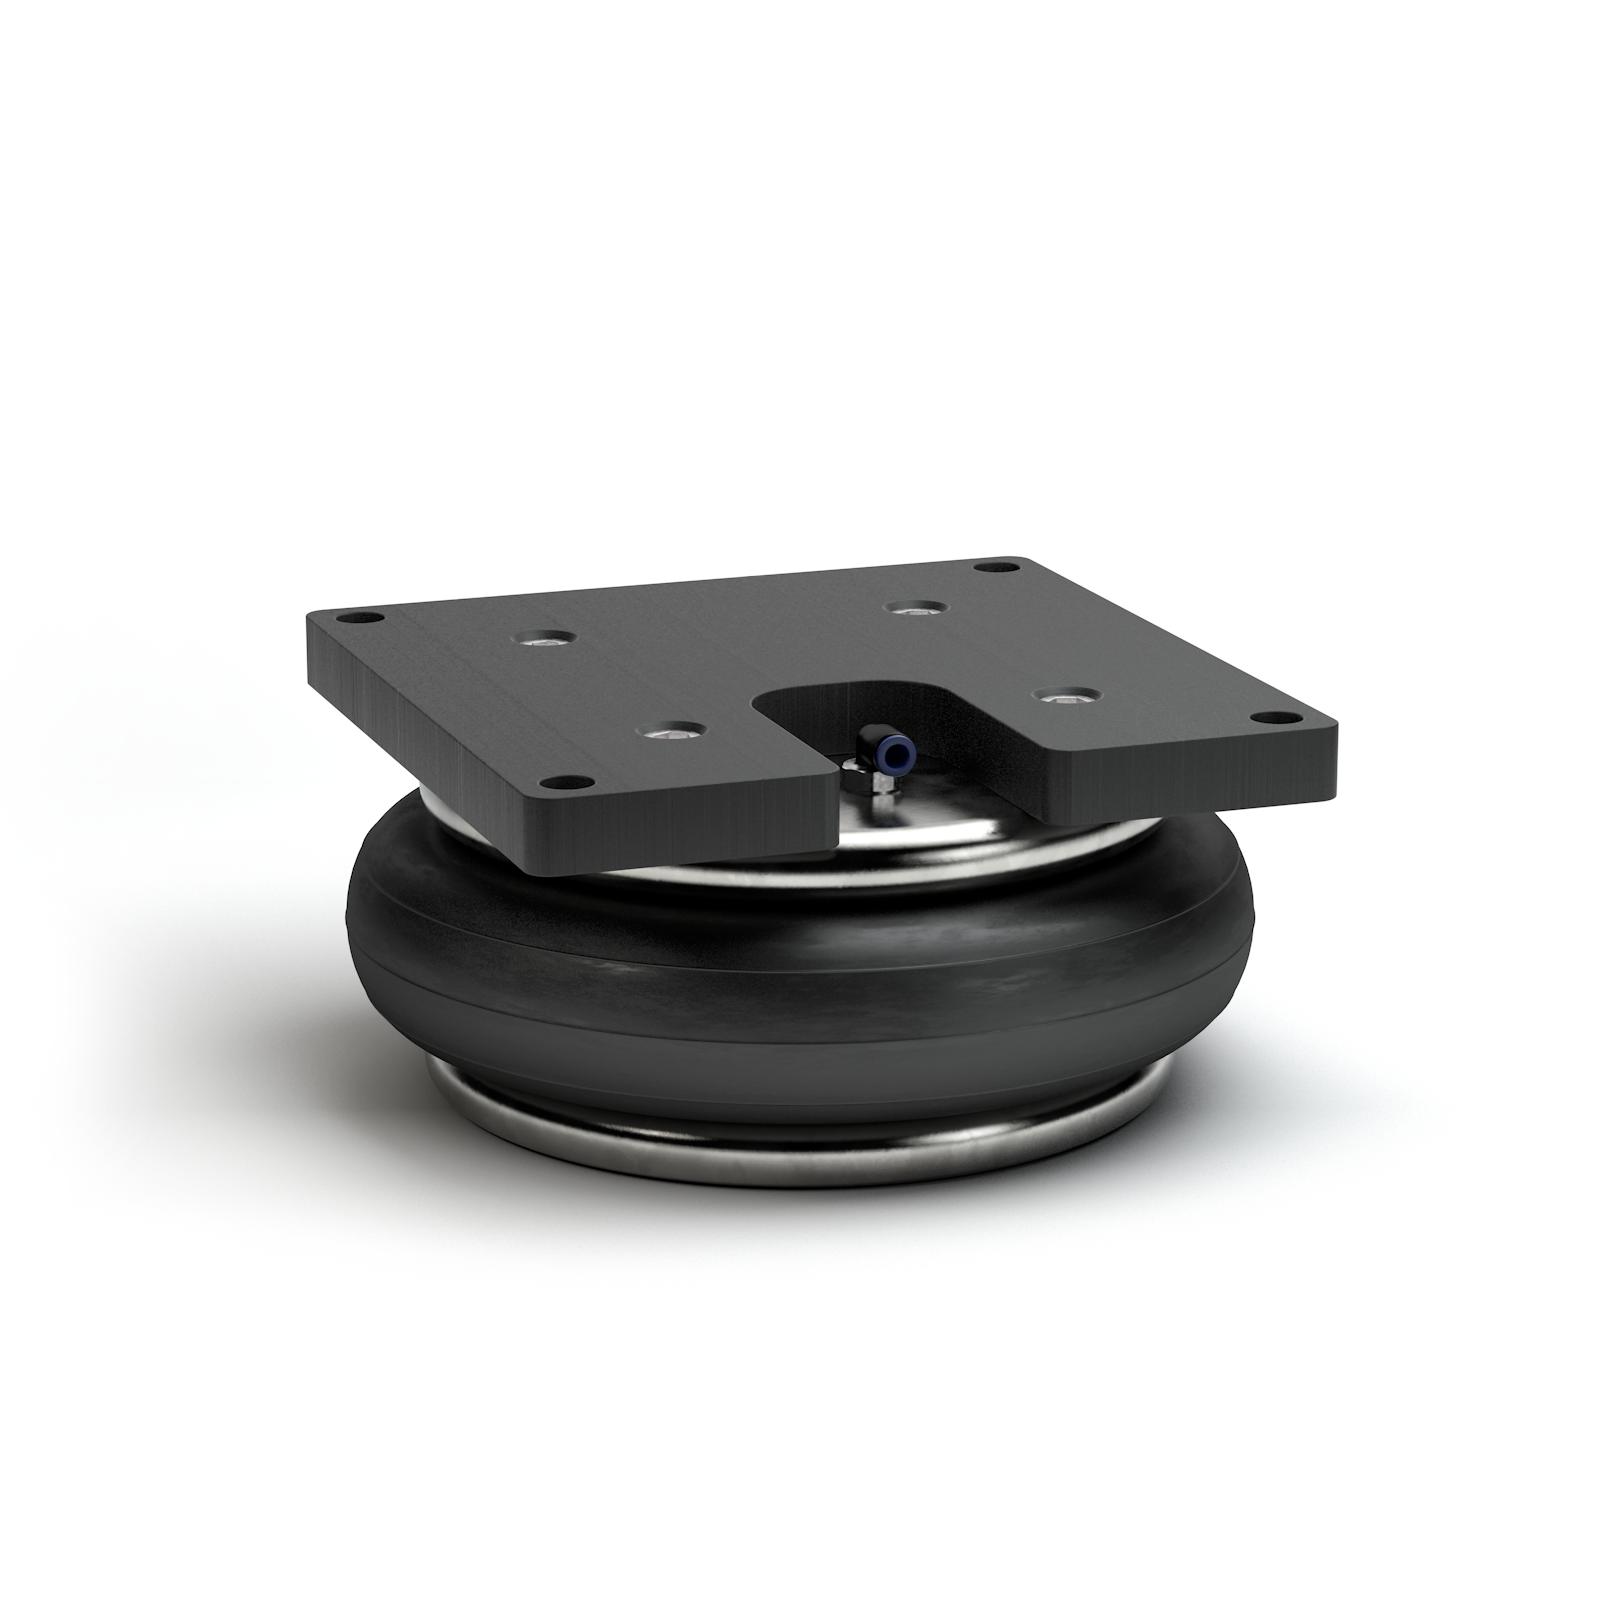 Produktbeispiel: mit Adapterplatte und Innenanschlag für den Einsatz in Prüfstandsaufbauten